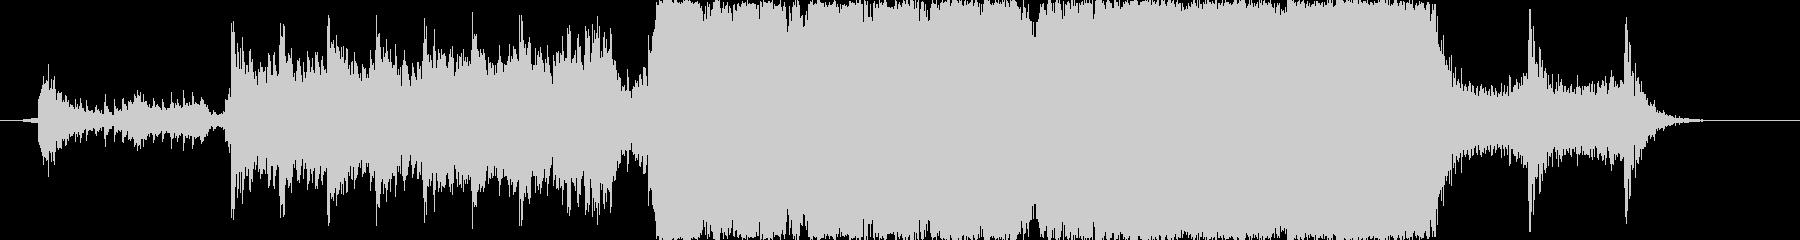 壮大な映像向けBGMの未再生の波形